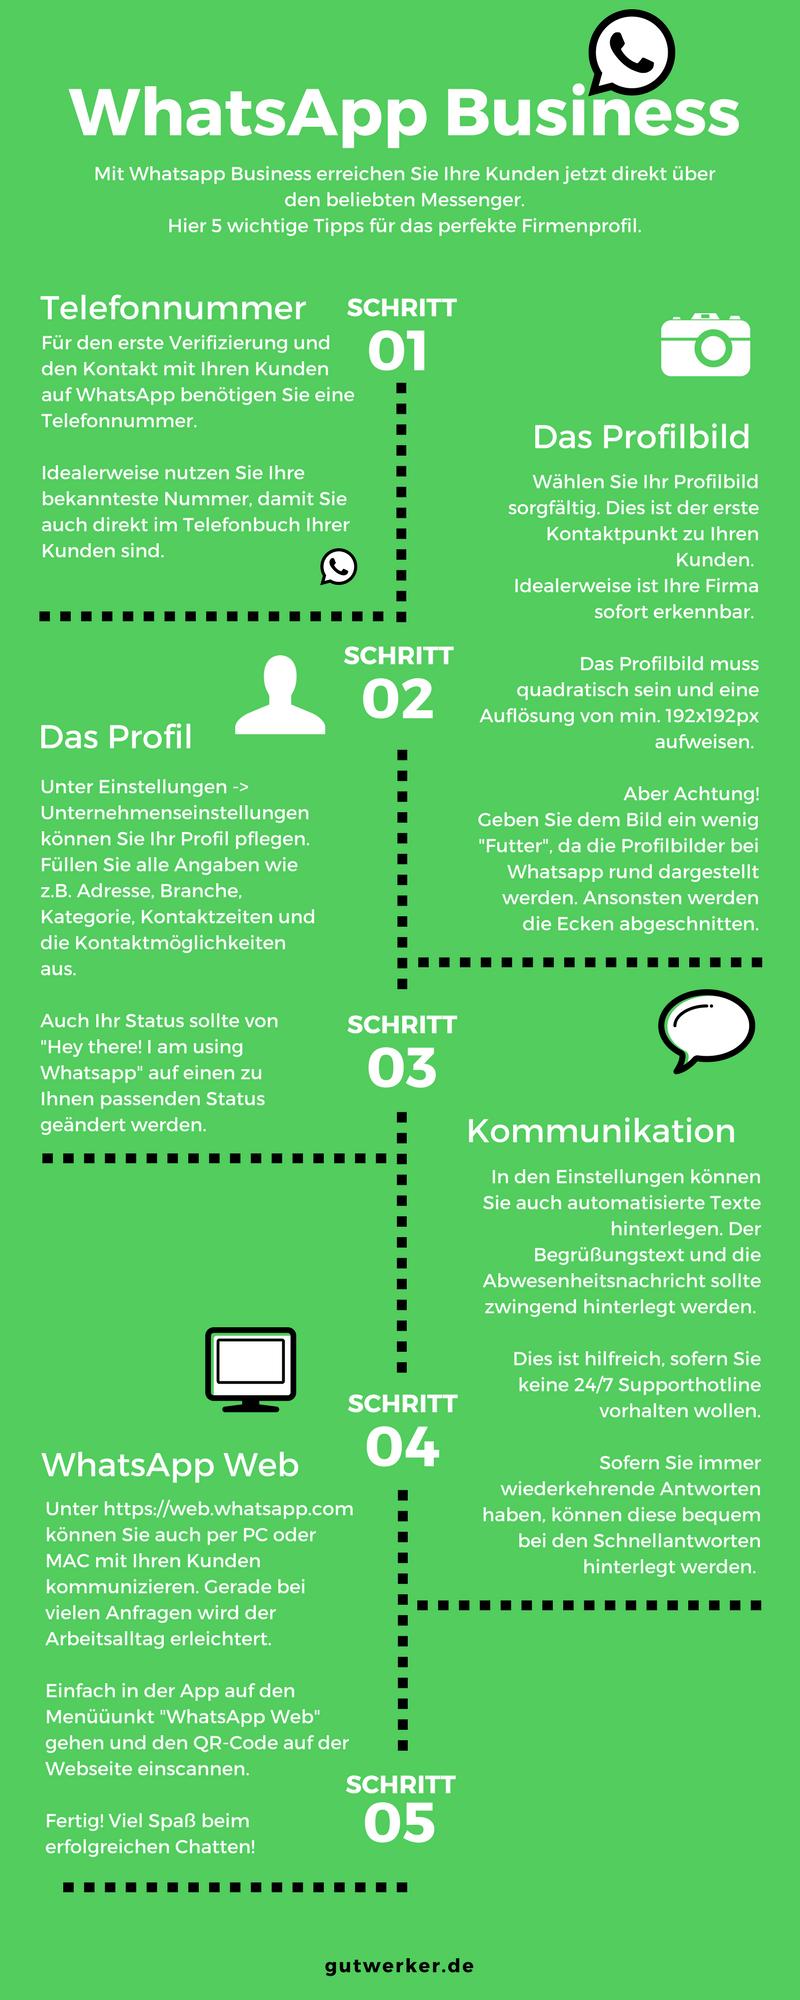 Whatsapp Business Infografik - 5 Tipps für Ihre Unternehmesprofil auf WhatsApp